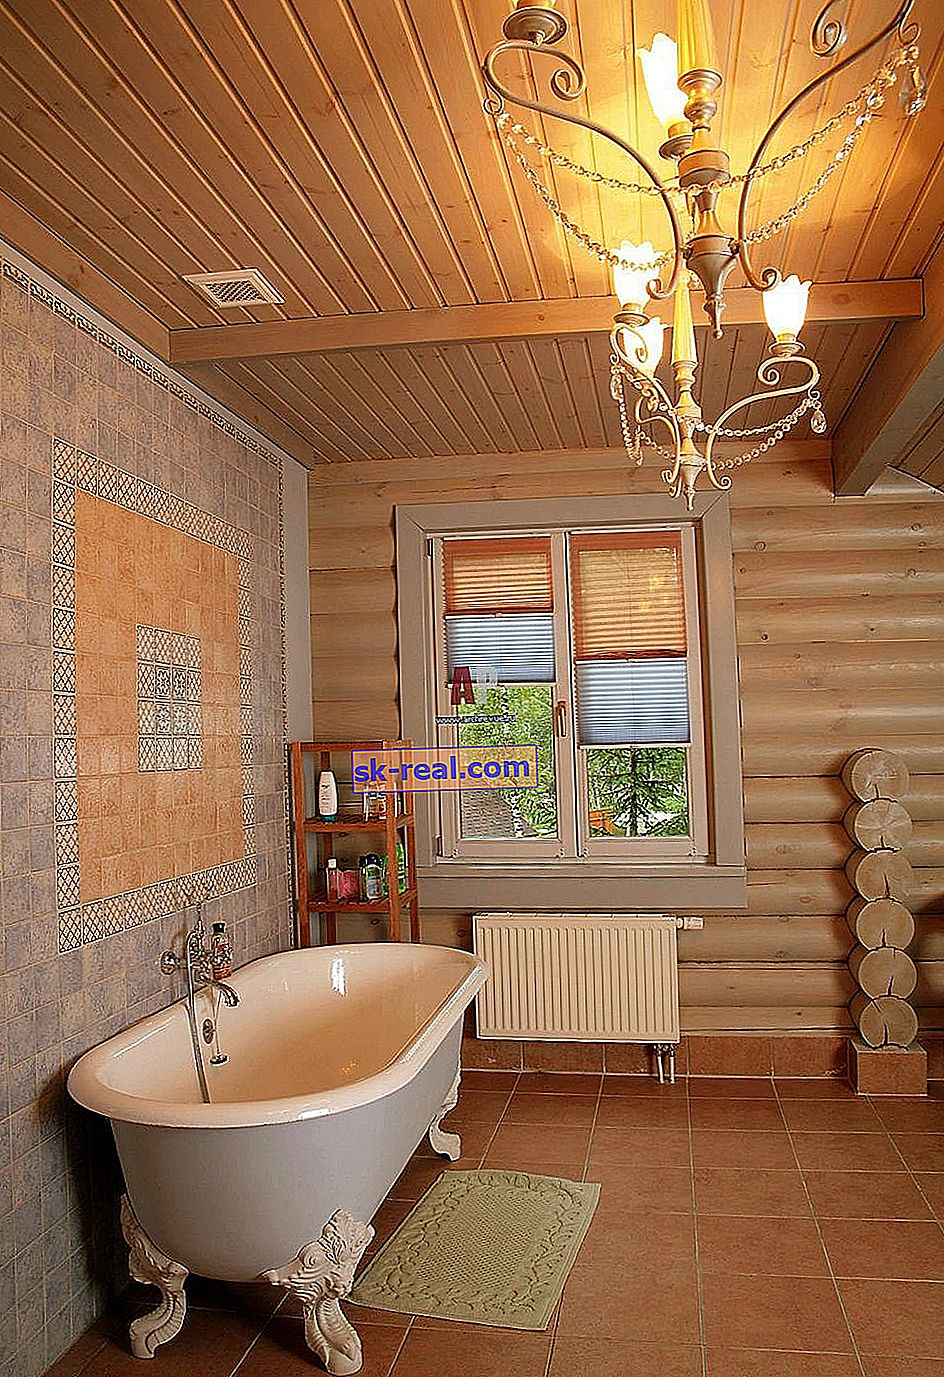 Kako napraviti kupaonicu u drvenoj kući vlastitim rukama?